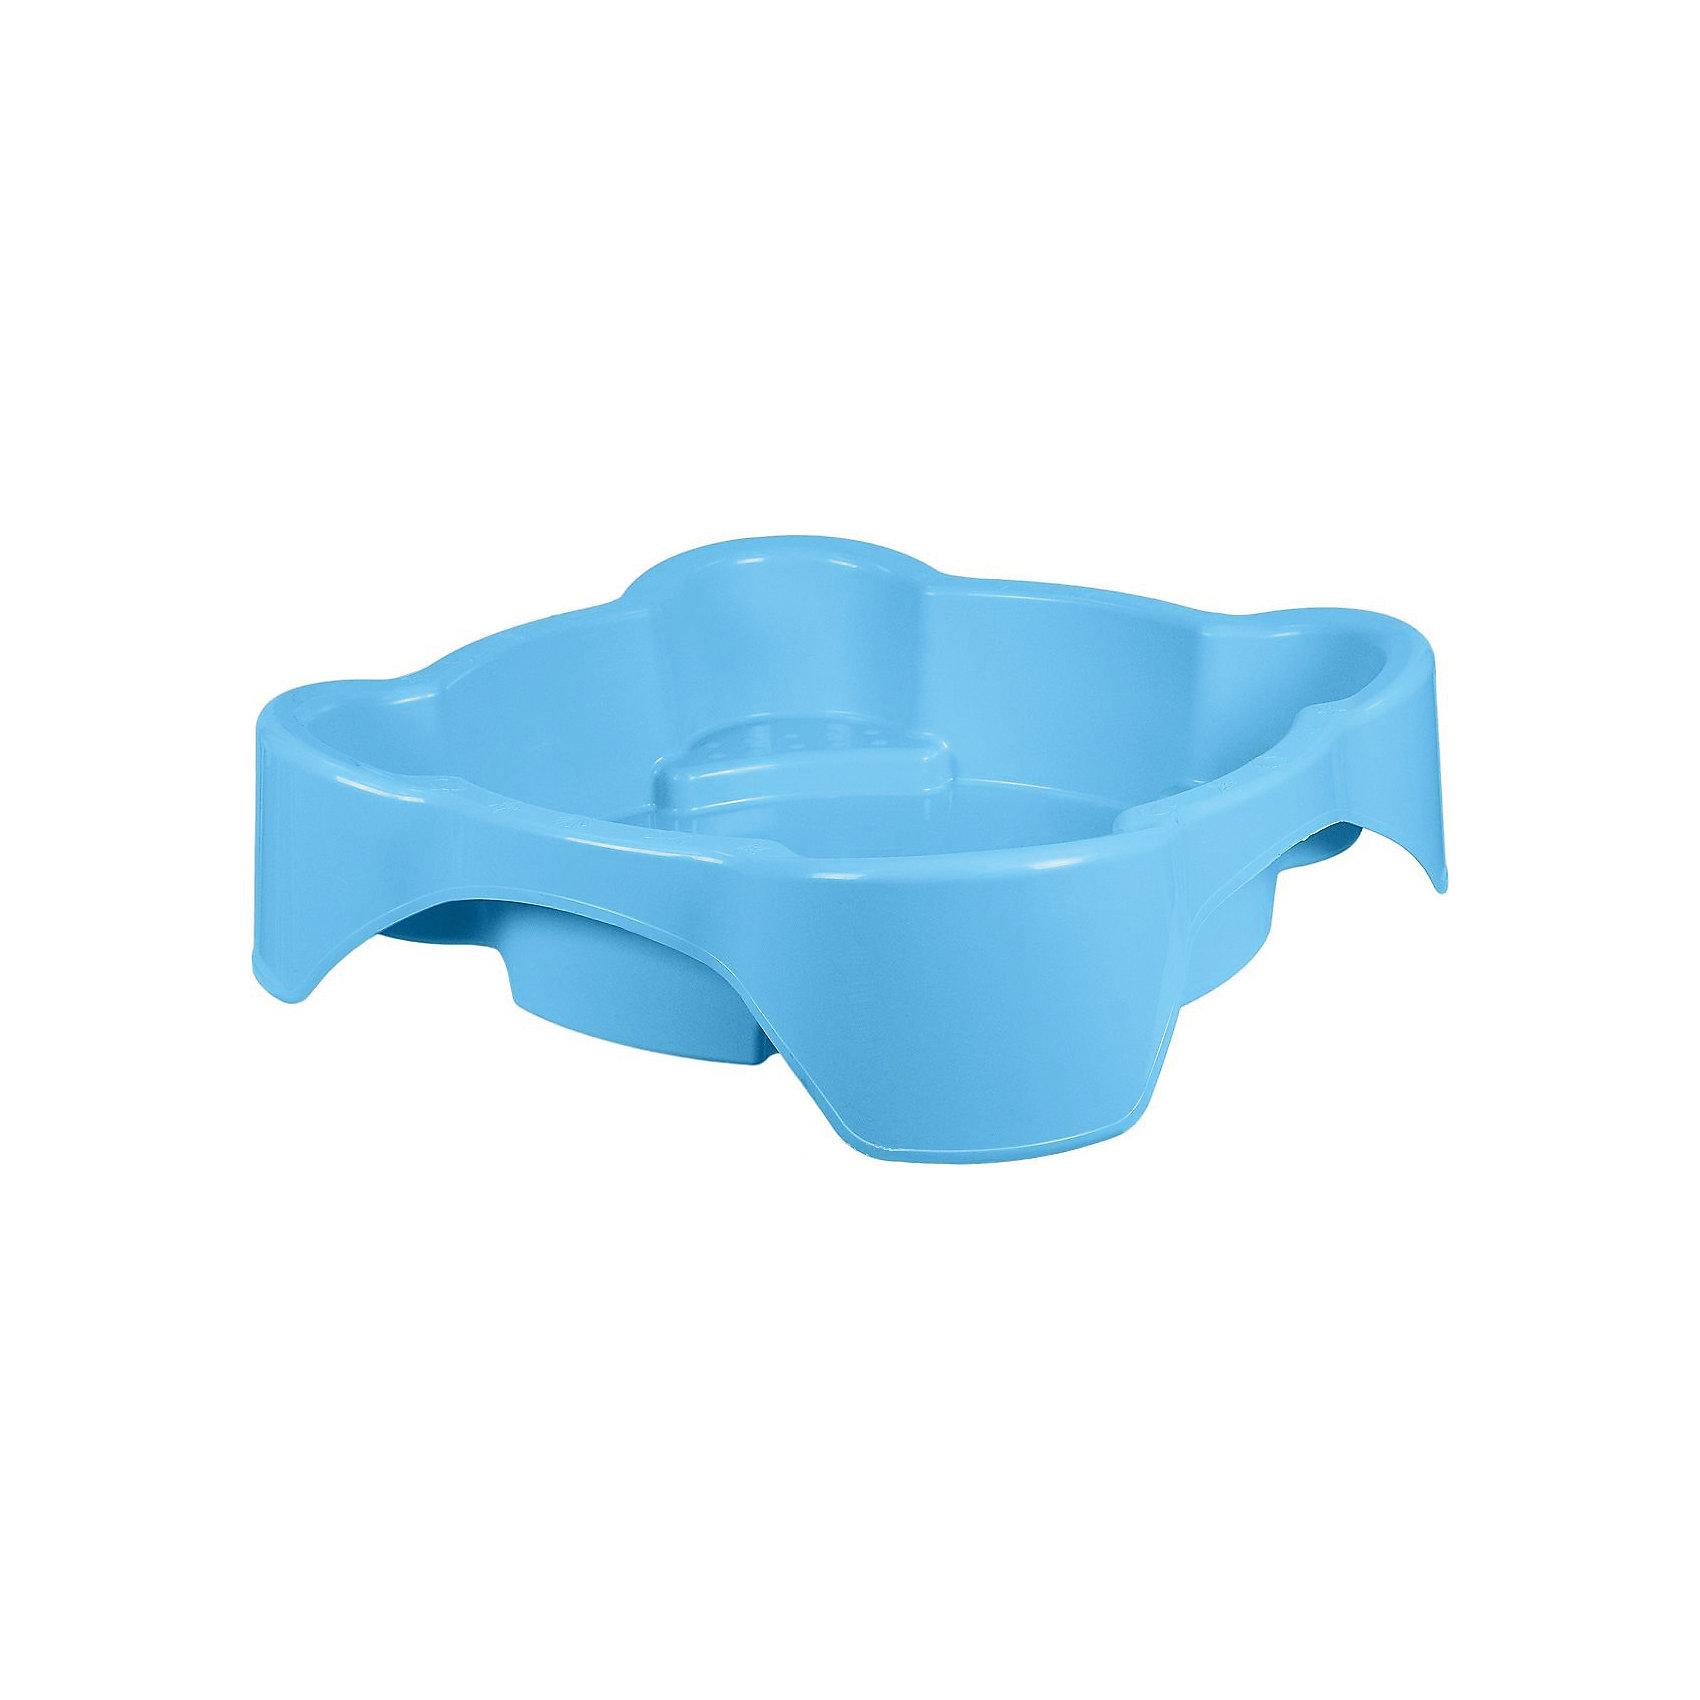 Песочница квадратная, голубая, PalPlayИграем в песочнице<br>Квадратная песочница Marianpalast - это яркая и красочная песочница, незаменимая для игр на воздухе.<br><br>У песочницы высокий бортик - 25 см, поэтому её можно использовать как песочницу и как бассейн. Песочница Marianpalast прочная и вместительная, поэтому в ней могут играть одновременно несколько малышей. <br><br>Дополнительная информация:<br><br>Размеры песочницы: 96 х 96 х 25 см.<br>Цвет: голубой.<br>Вес: 4 кг.<br><br>Ширина мм: 960<br>Глубина мм: 960<br>Высота мм: 250<br>Вес г: 3940<br>Возраст от месяцев: 216<br>Возраст до месяцев: 96<br>Пол: Унисекс<br>Возраст: Детский<br>SKU: 4860651